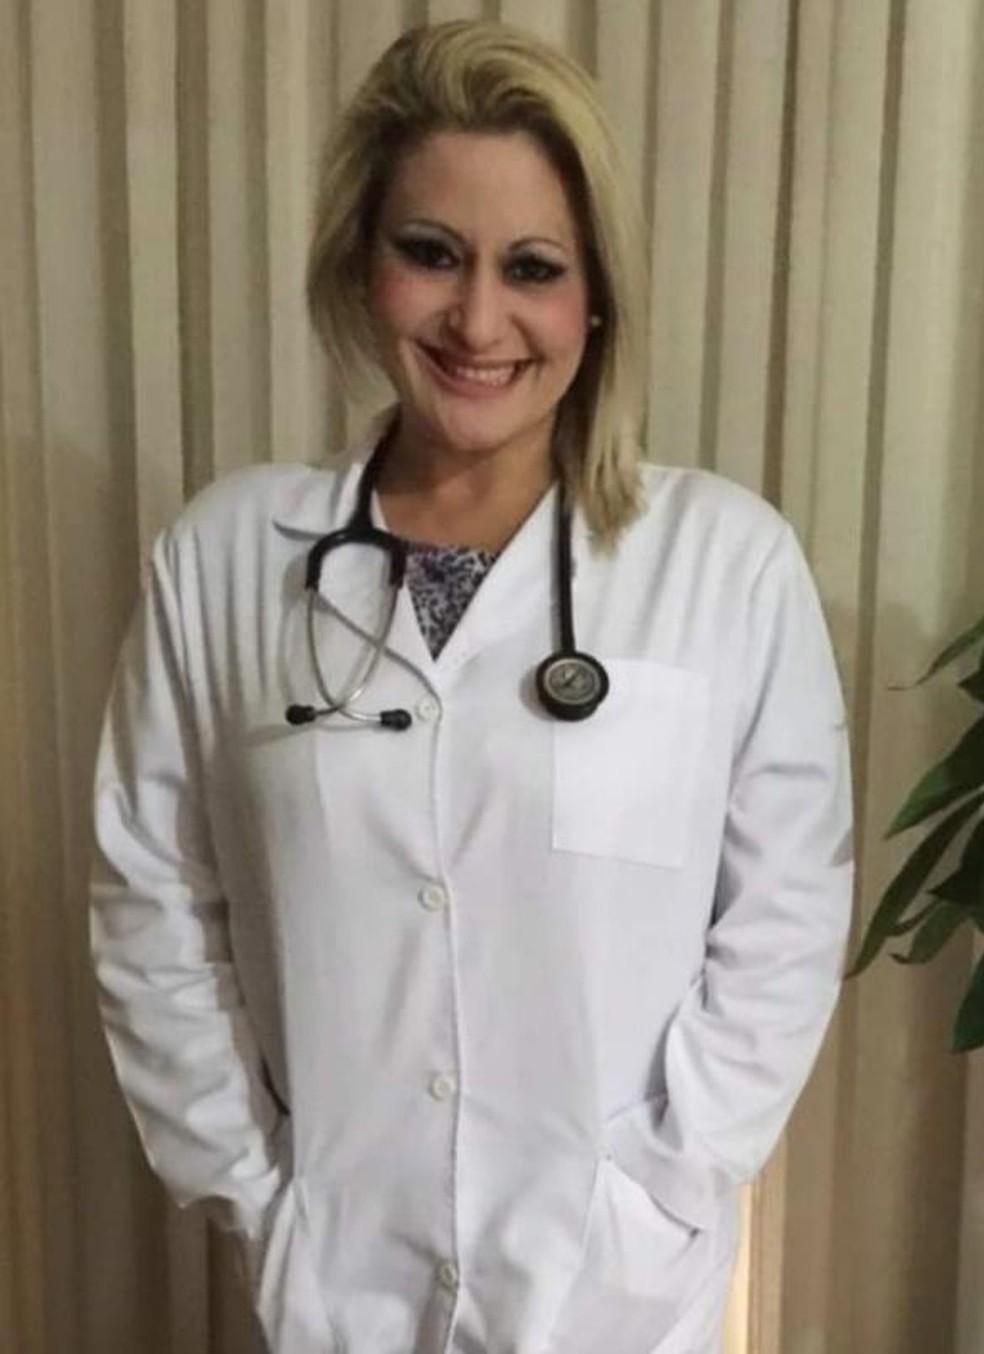 Médica grávida de 8 meses morre de Covid-19